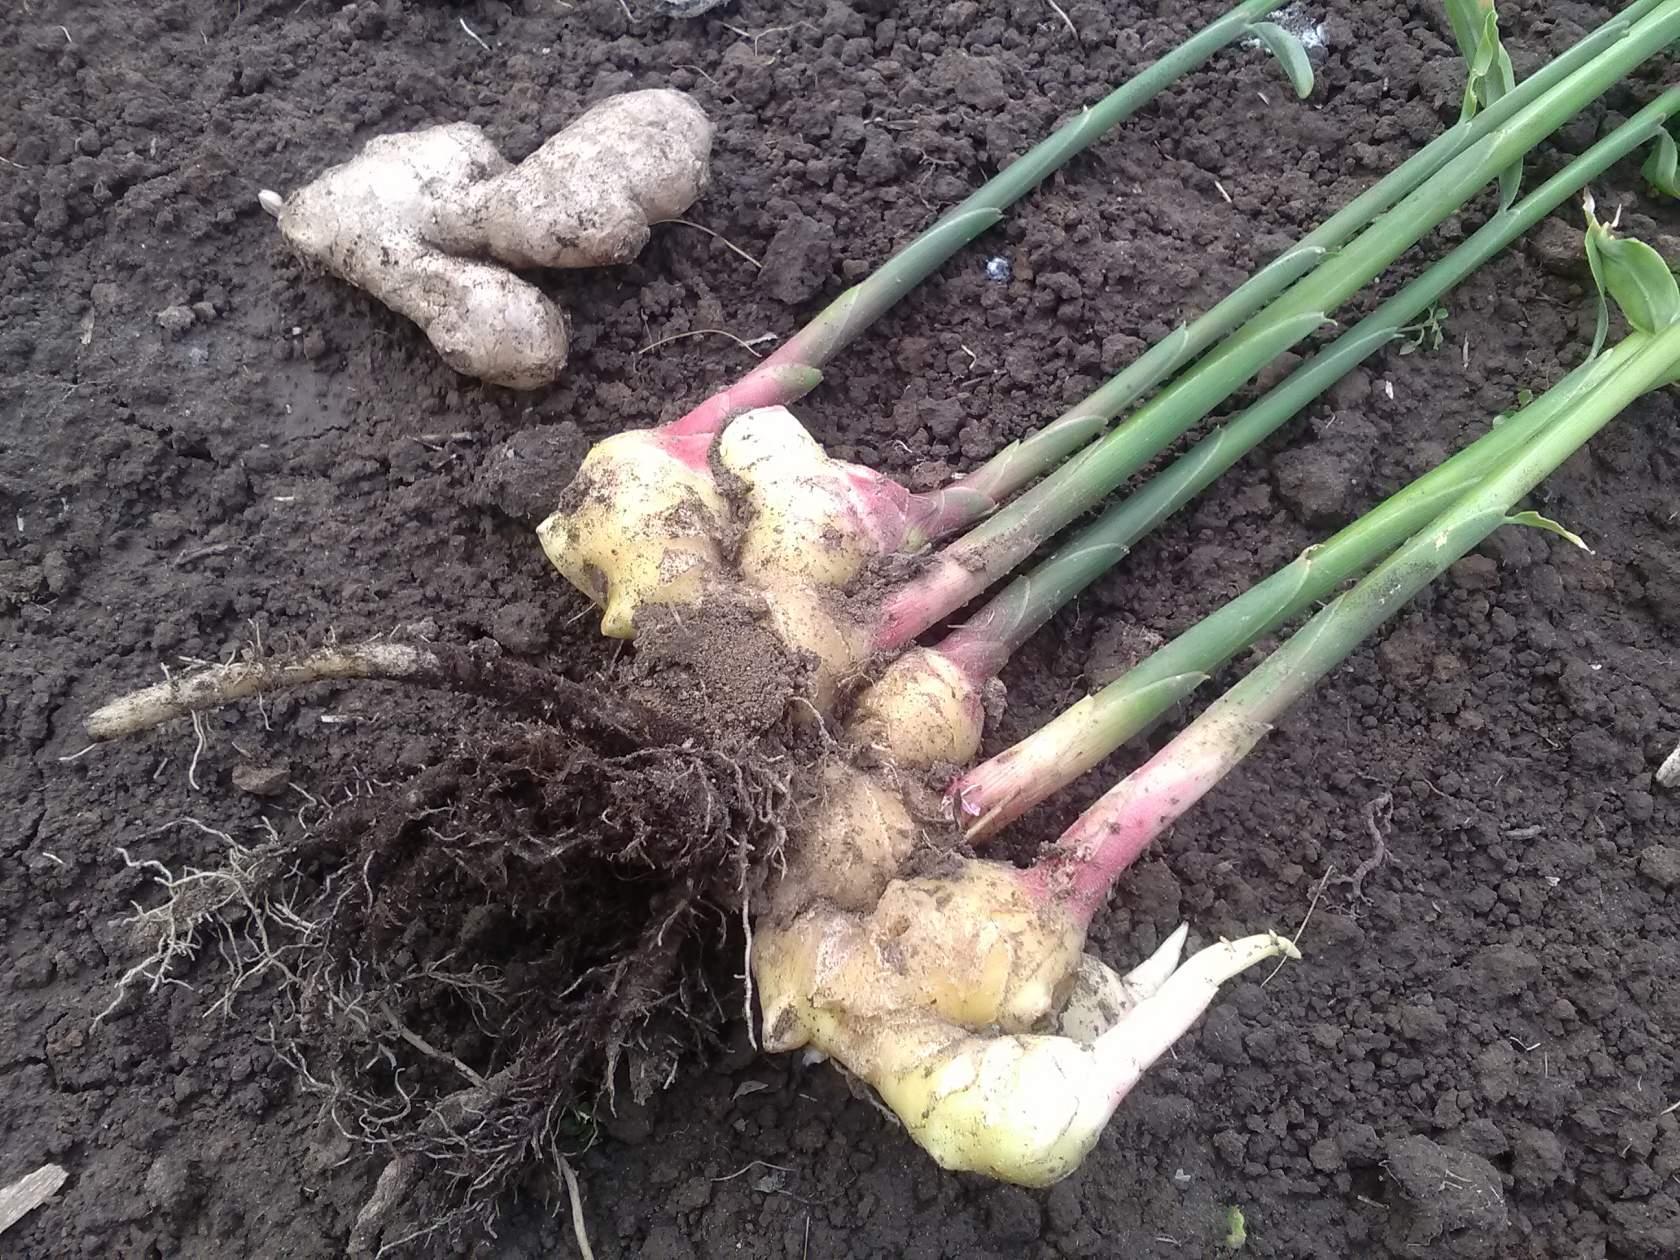 Выращивание имбиря на даче: как вырастить корень на огороде, посадка и уход